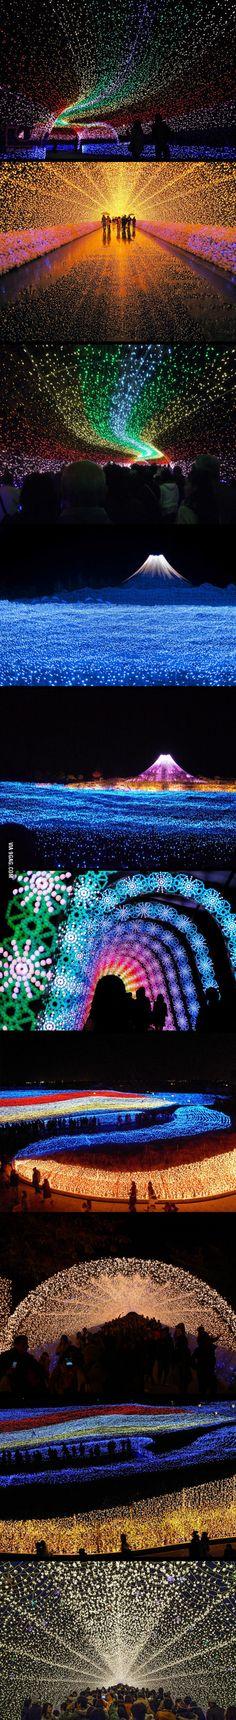 Winter light festival in japan, made from 7 million LEDs